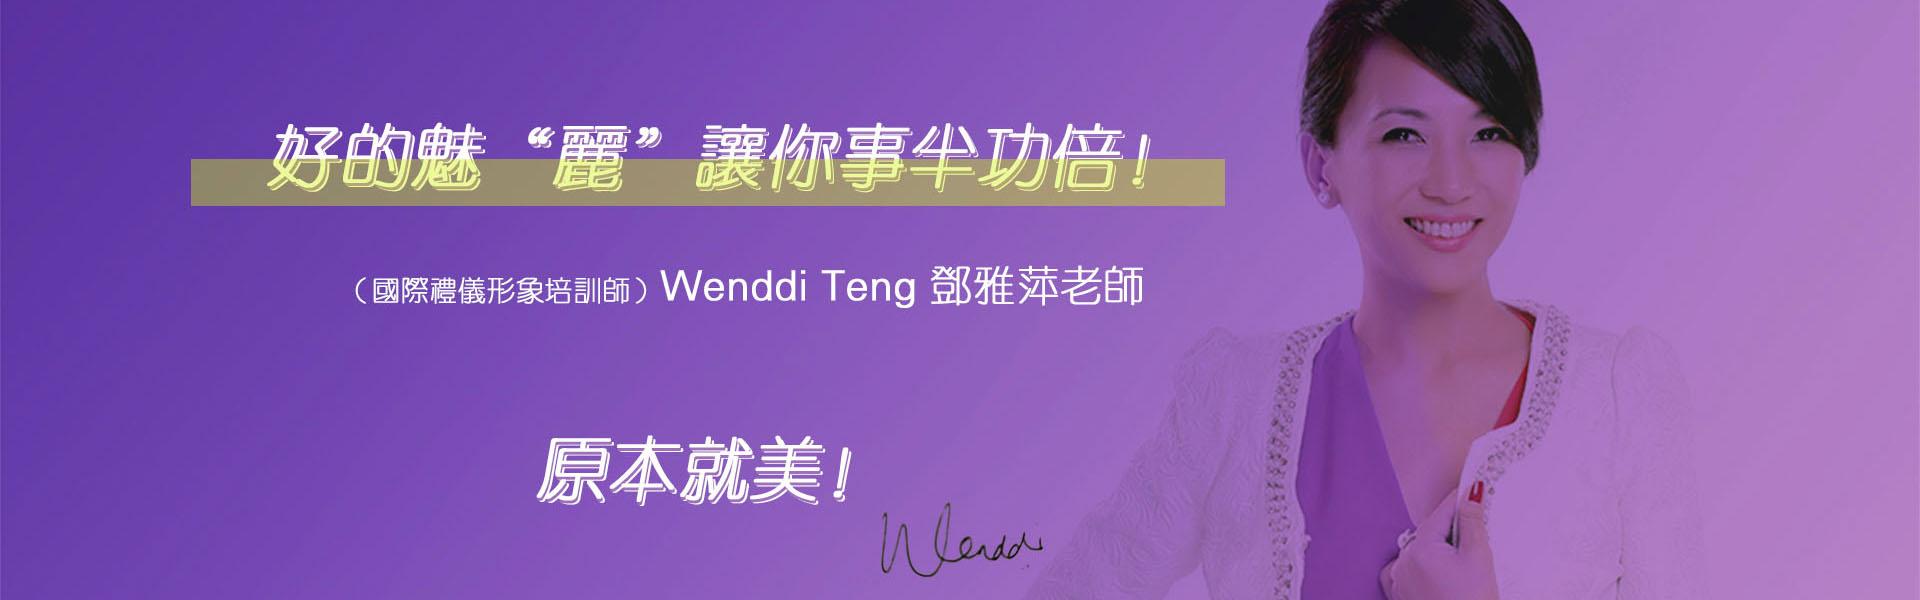 關於 Wenddi